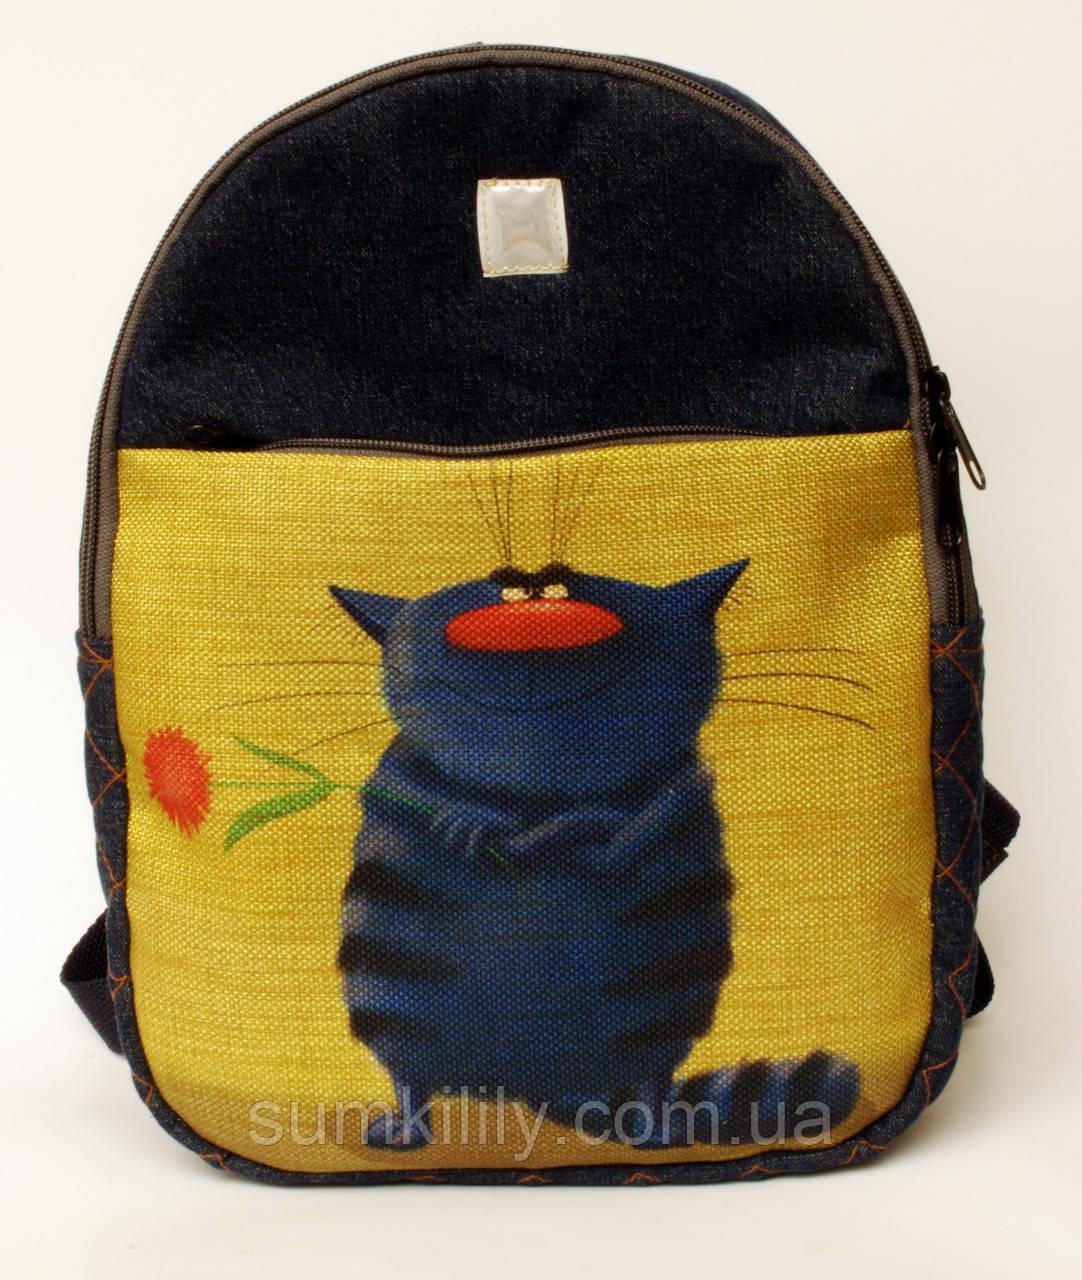 Джинсовий рюкзак давай знайомитися